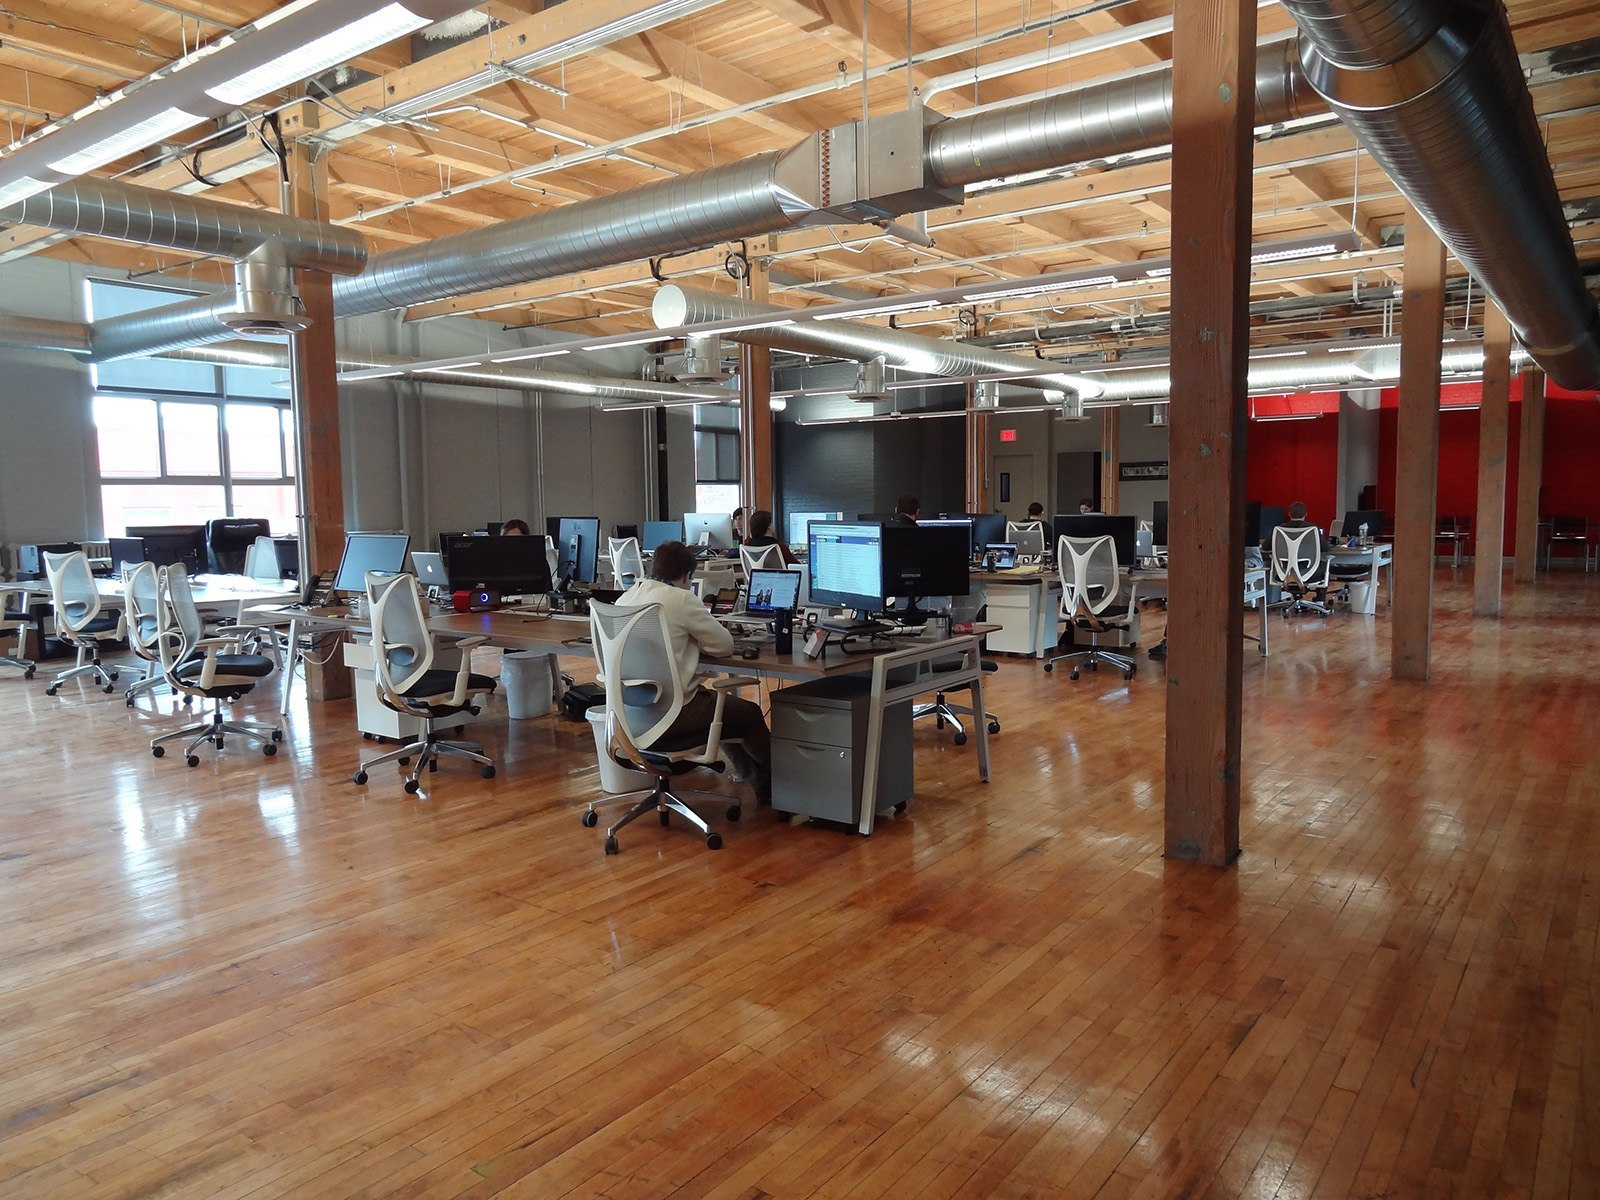 Нова штаб квартира ІТ-шної компанії Rocket 55 з Міннеаполіса